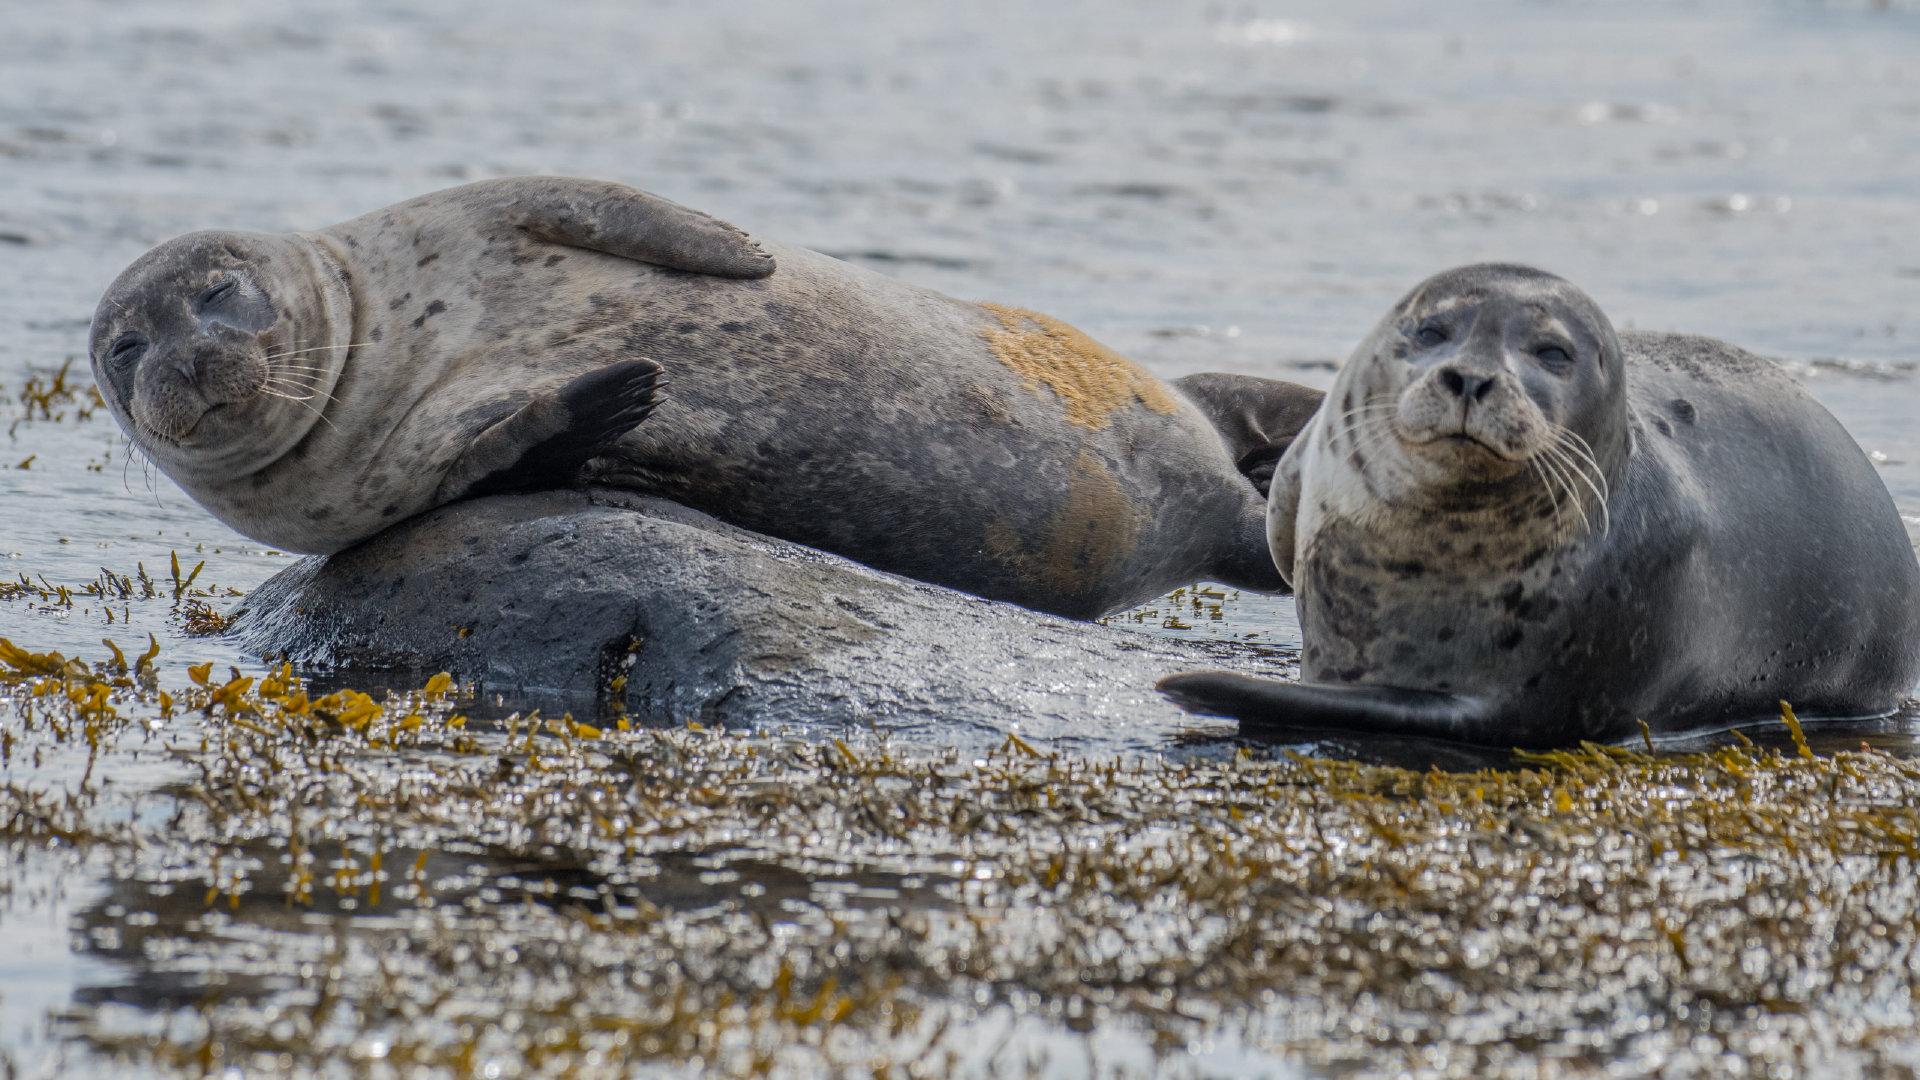 呆萌慵懒的海狮壁纸图集